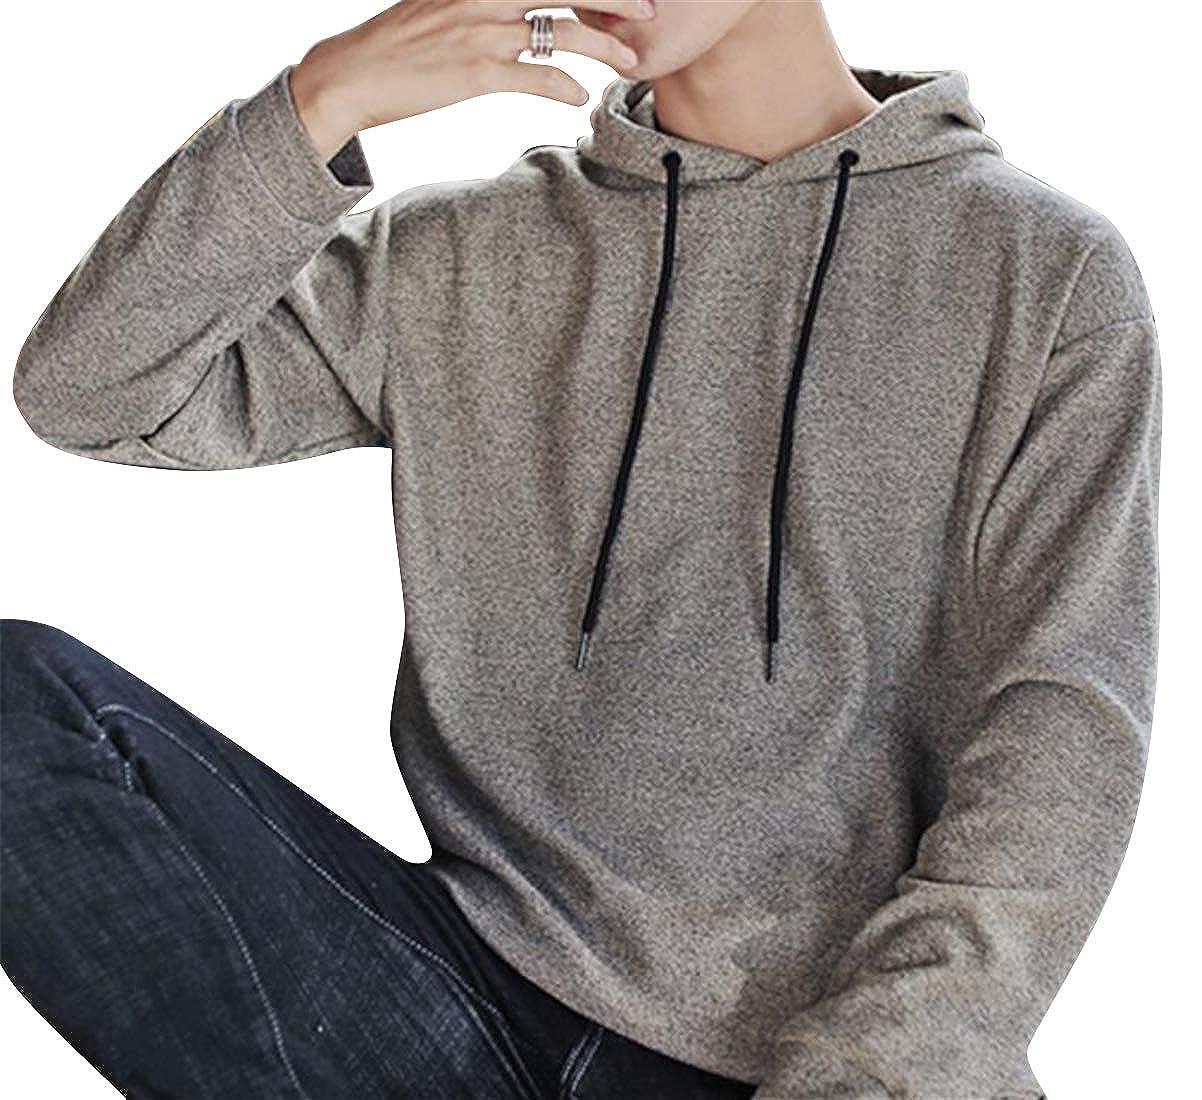 Jotebriyo Womens Fashion Print Pockets Graffiti Drawstring Loose Fit Pullover Hoodie Sweatshirt